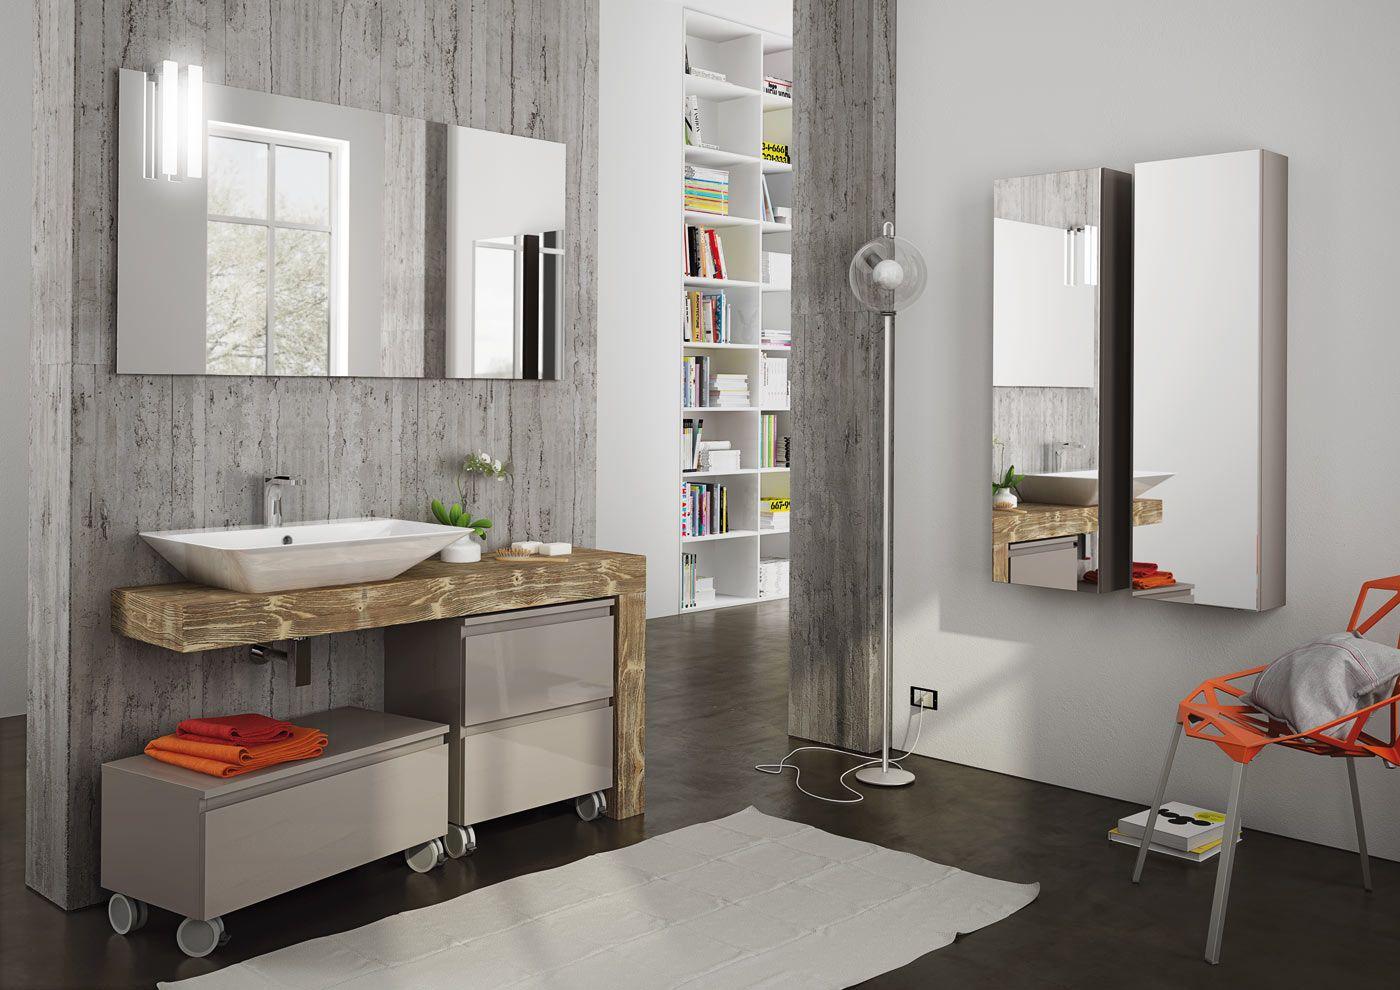 Mobile lavabo componibile singolo sospeso freedom 13 by legnobagno - Legnobagno prezzi ...